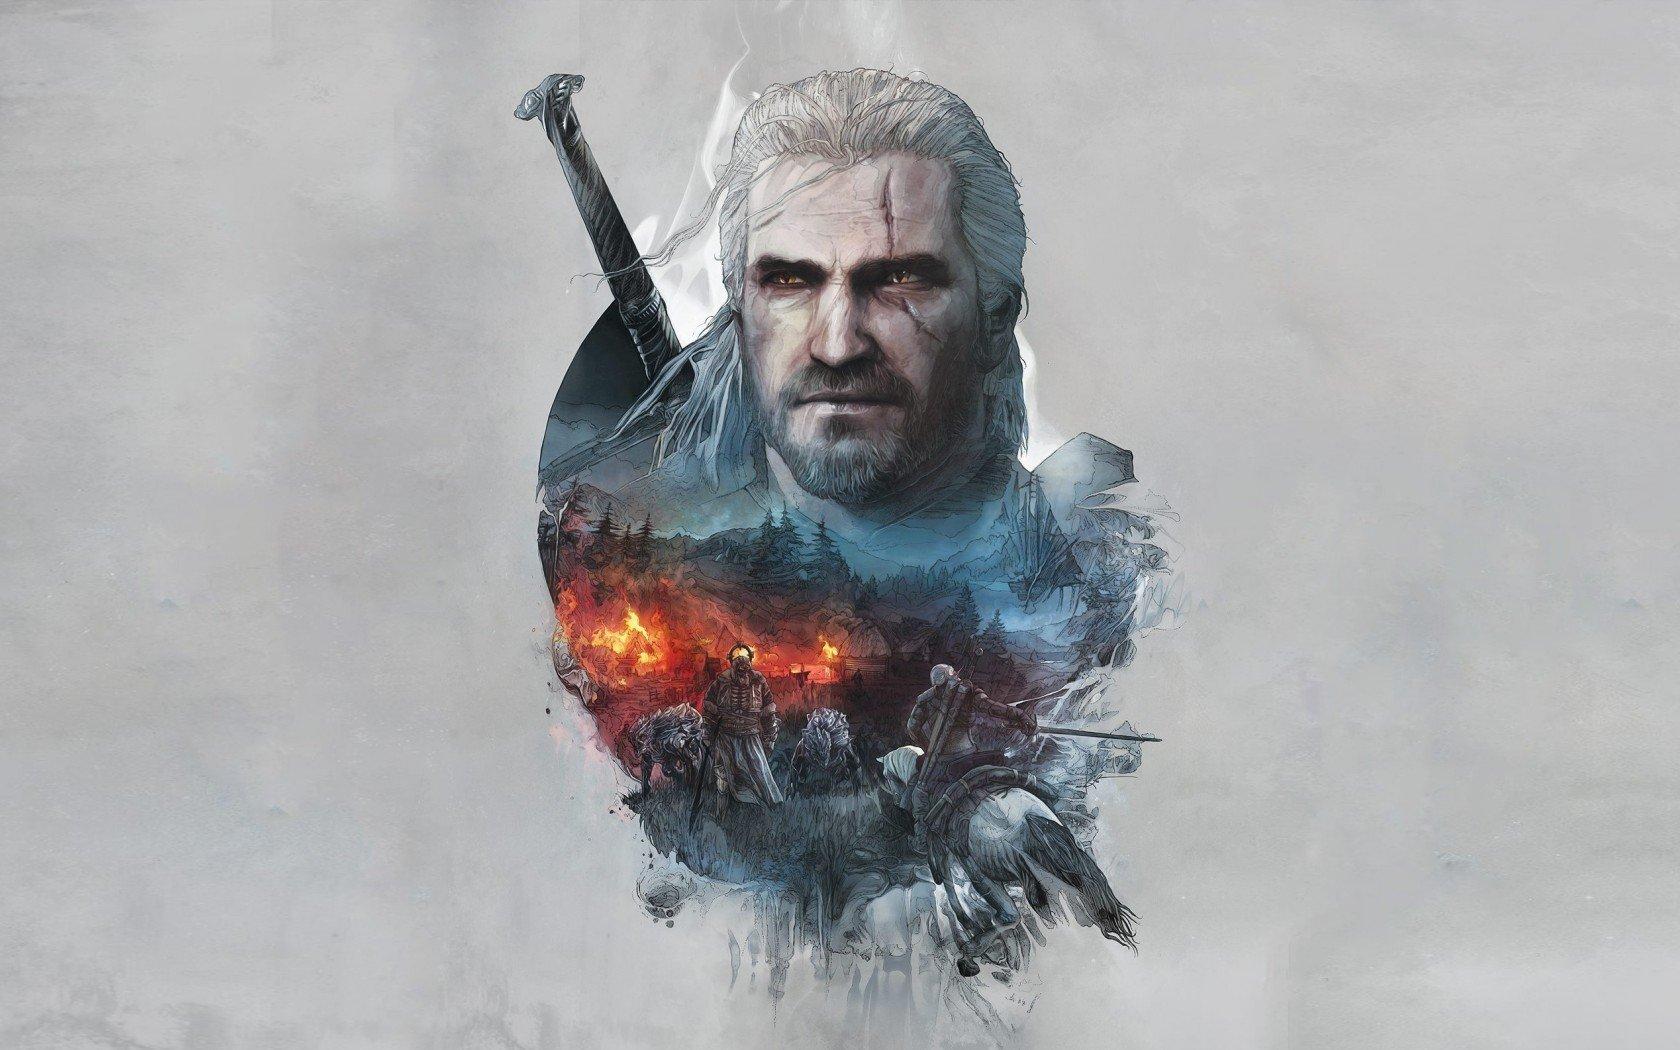 Релиз The Witcher 3: Wild Hunt перенесен на 19 мая 2015 г.   Как многие уже наверняка знают CD PROJEKT RED объявили  ... - Изображение 1